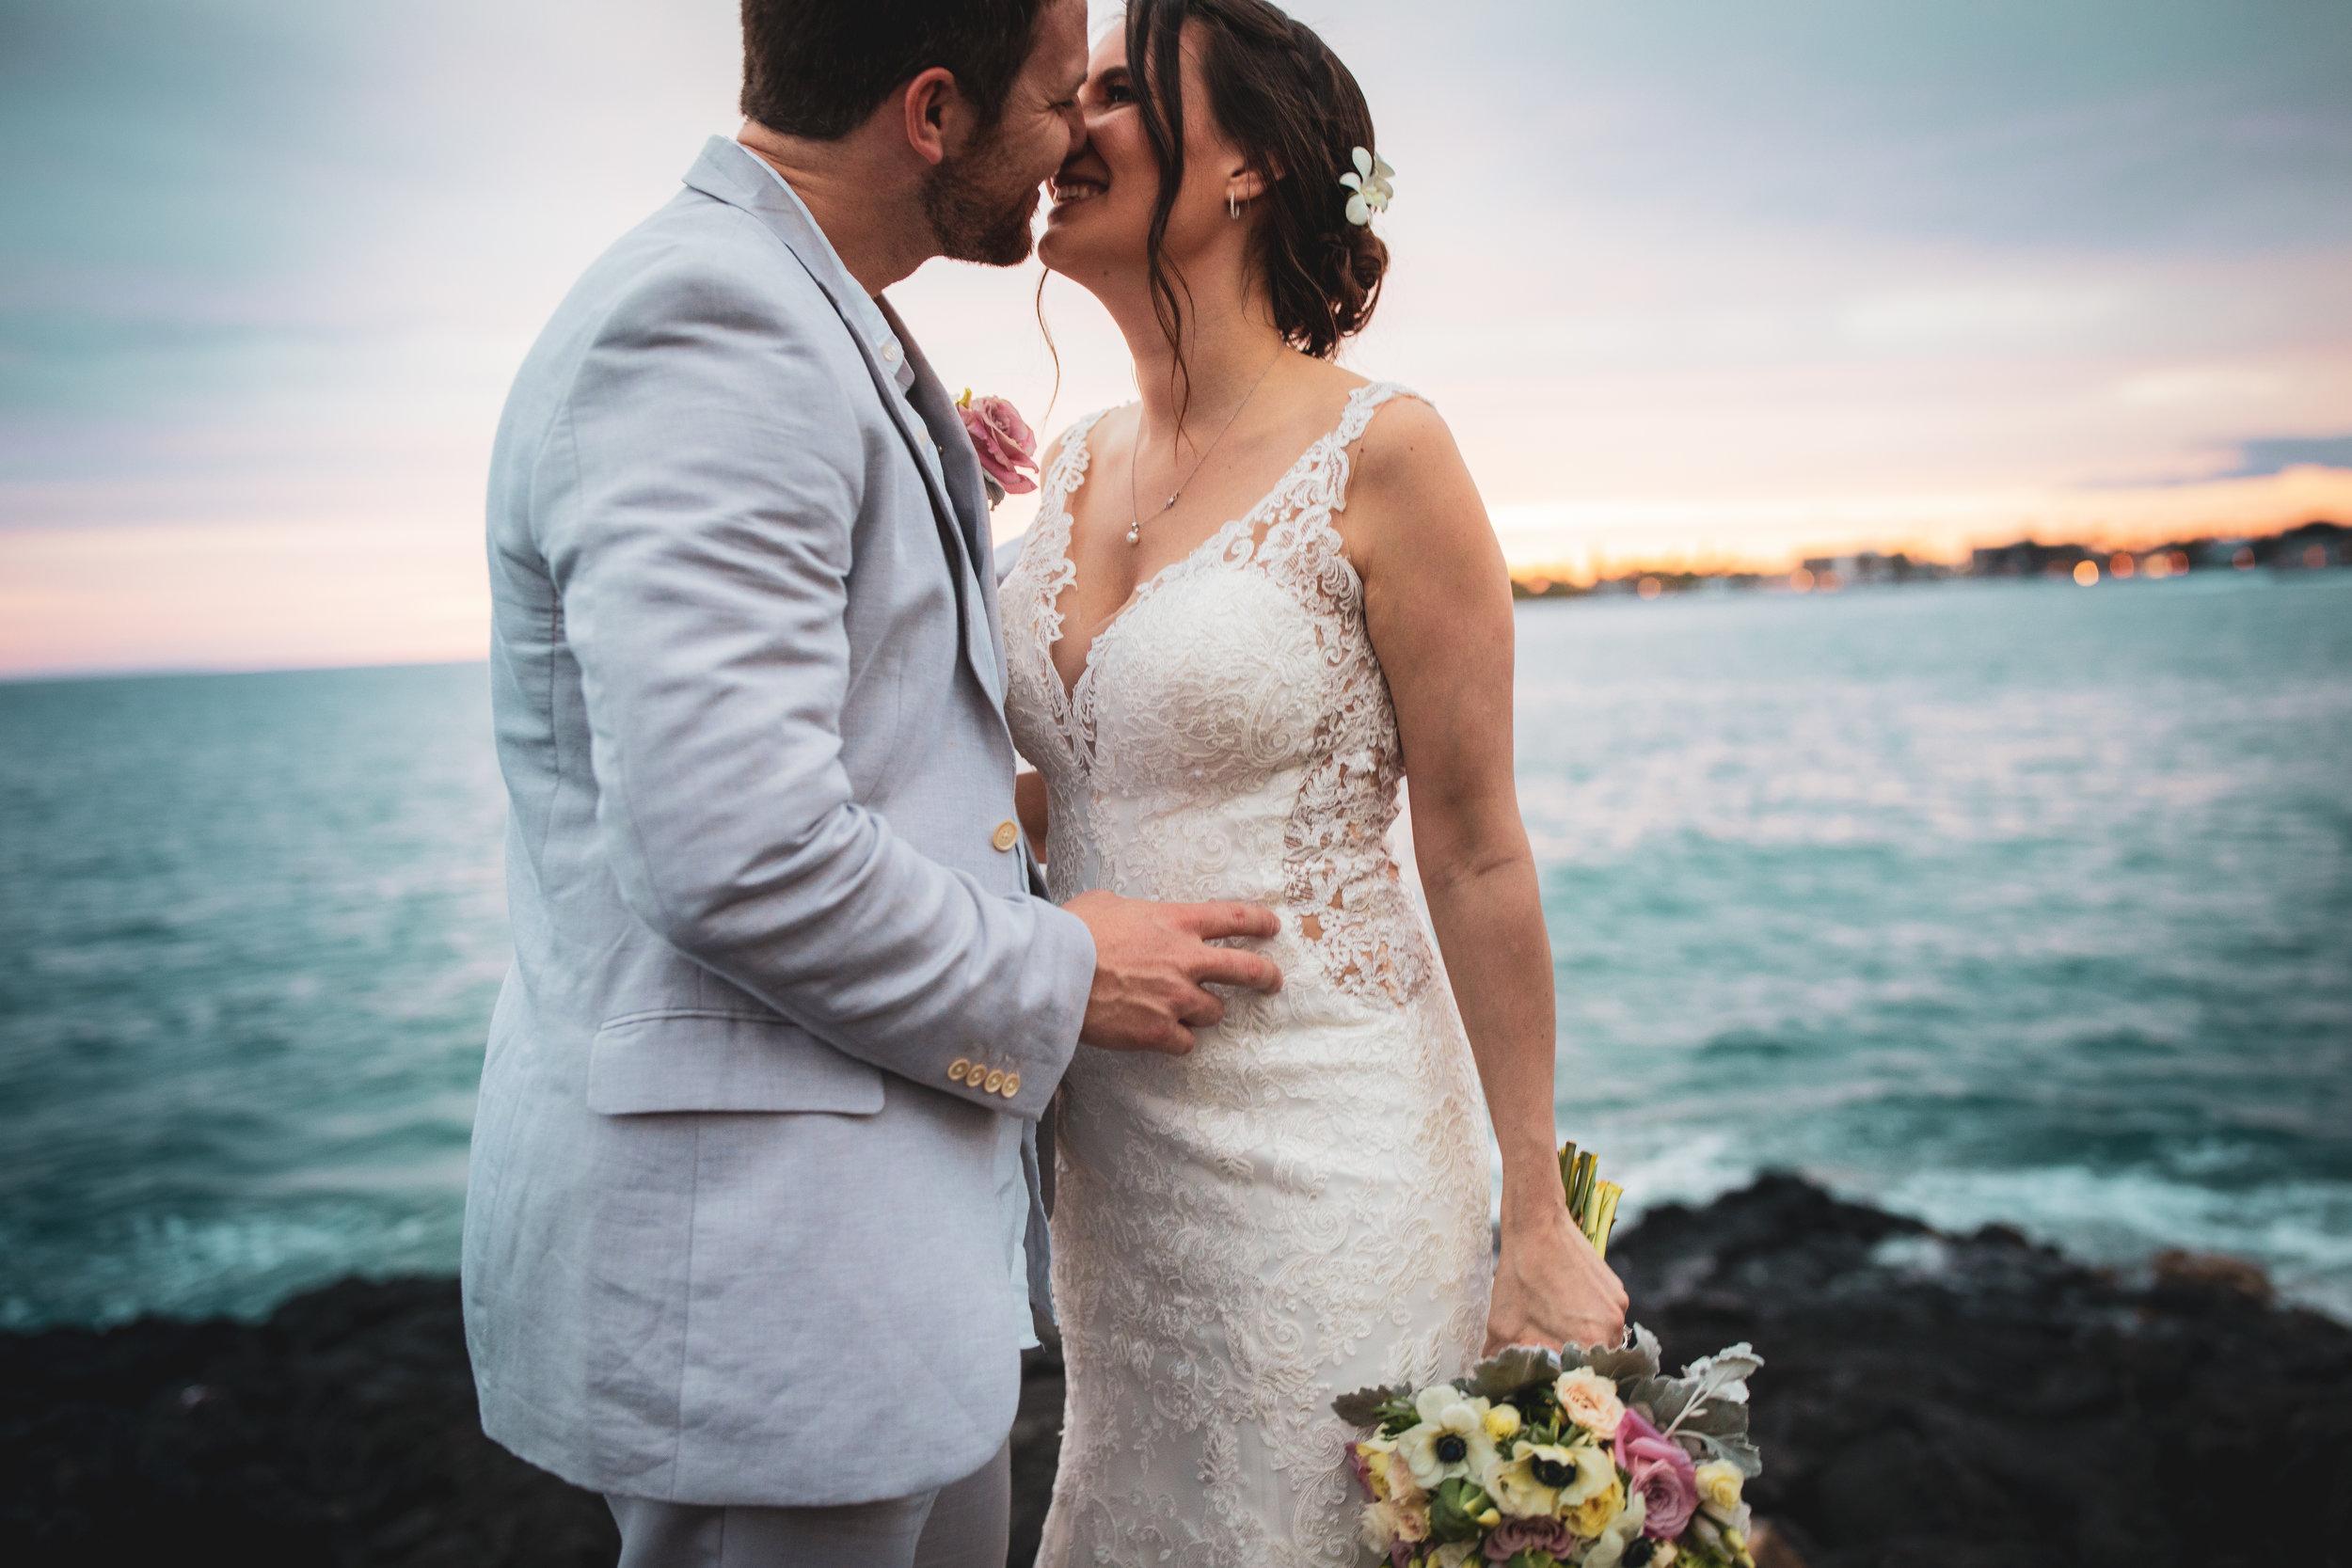 big island hawaii royal kona resort wedding kelilina photography 20190309183729-1.jpg